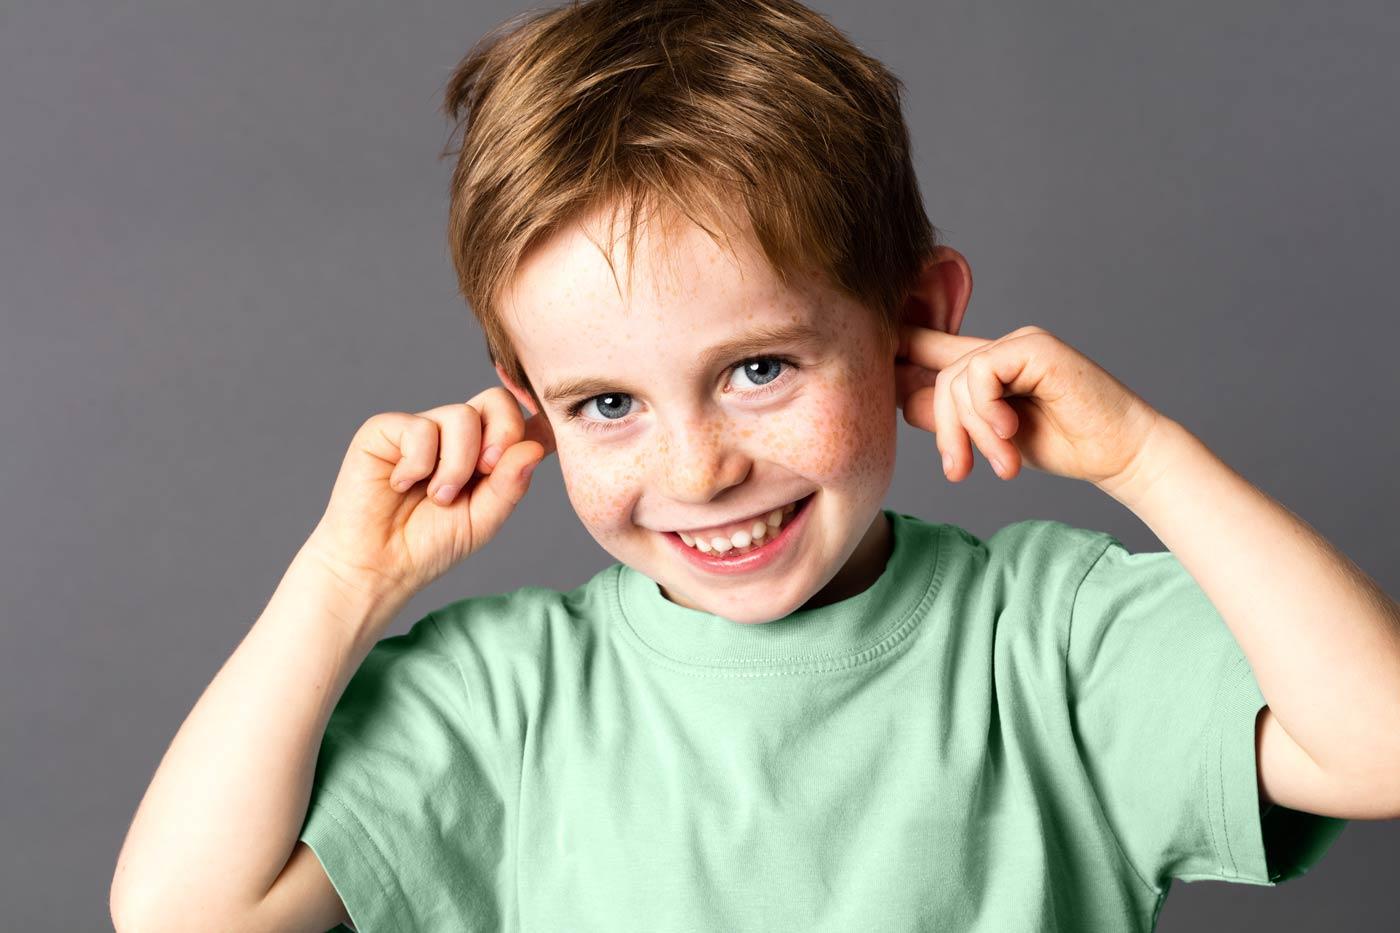 Uwaga słuchowa - chłopiec zatykający sobie uszy